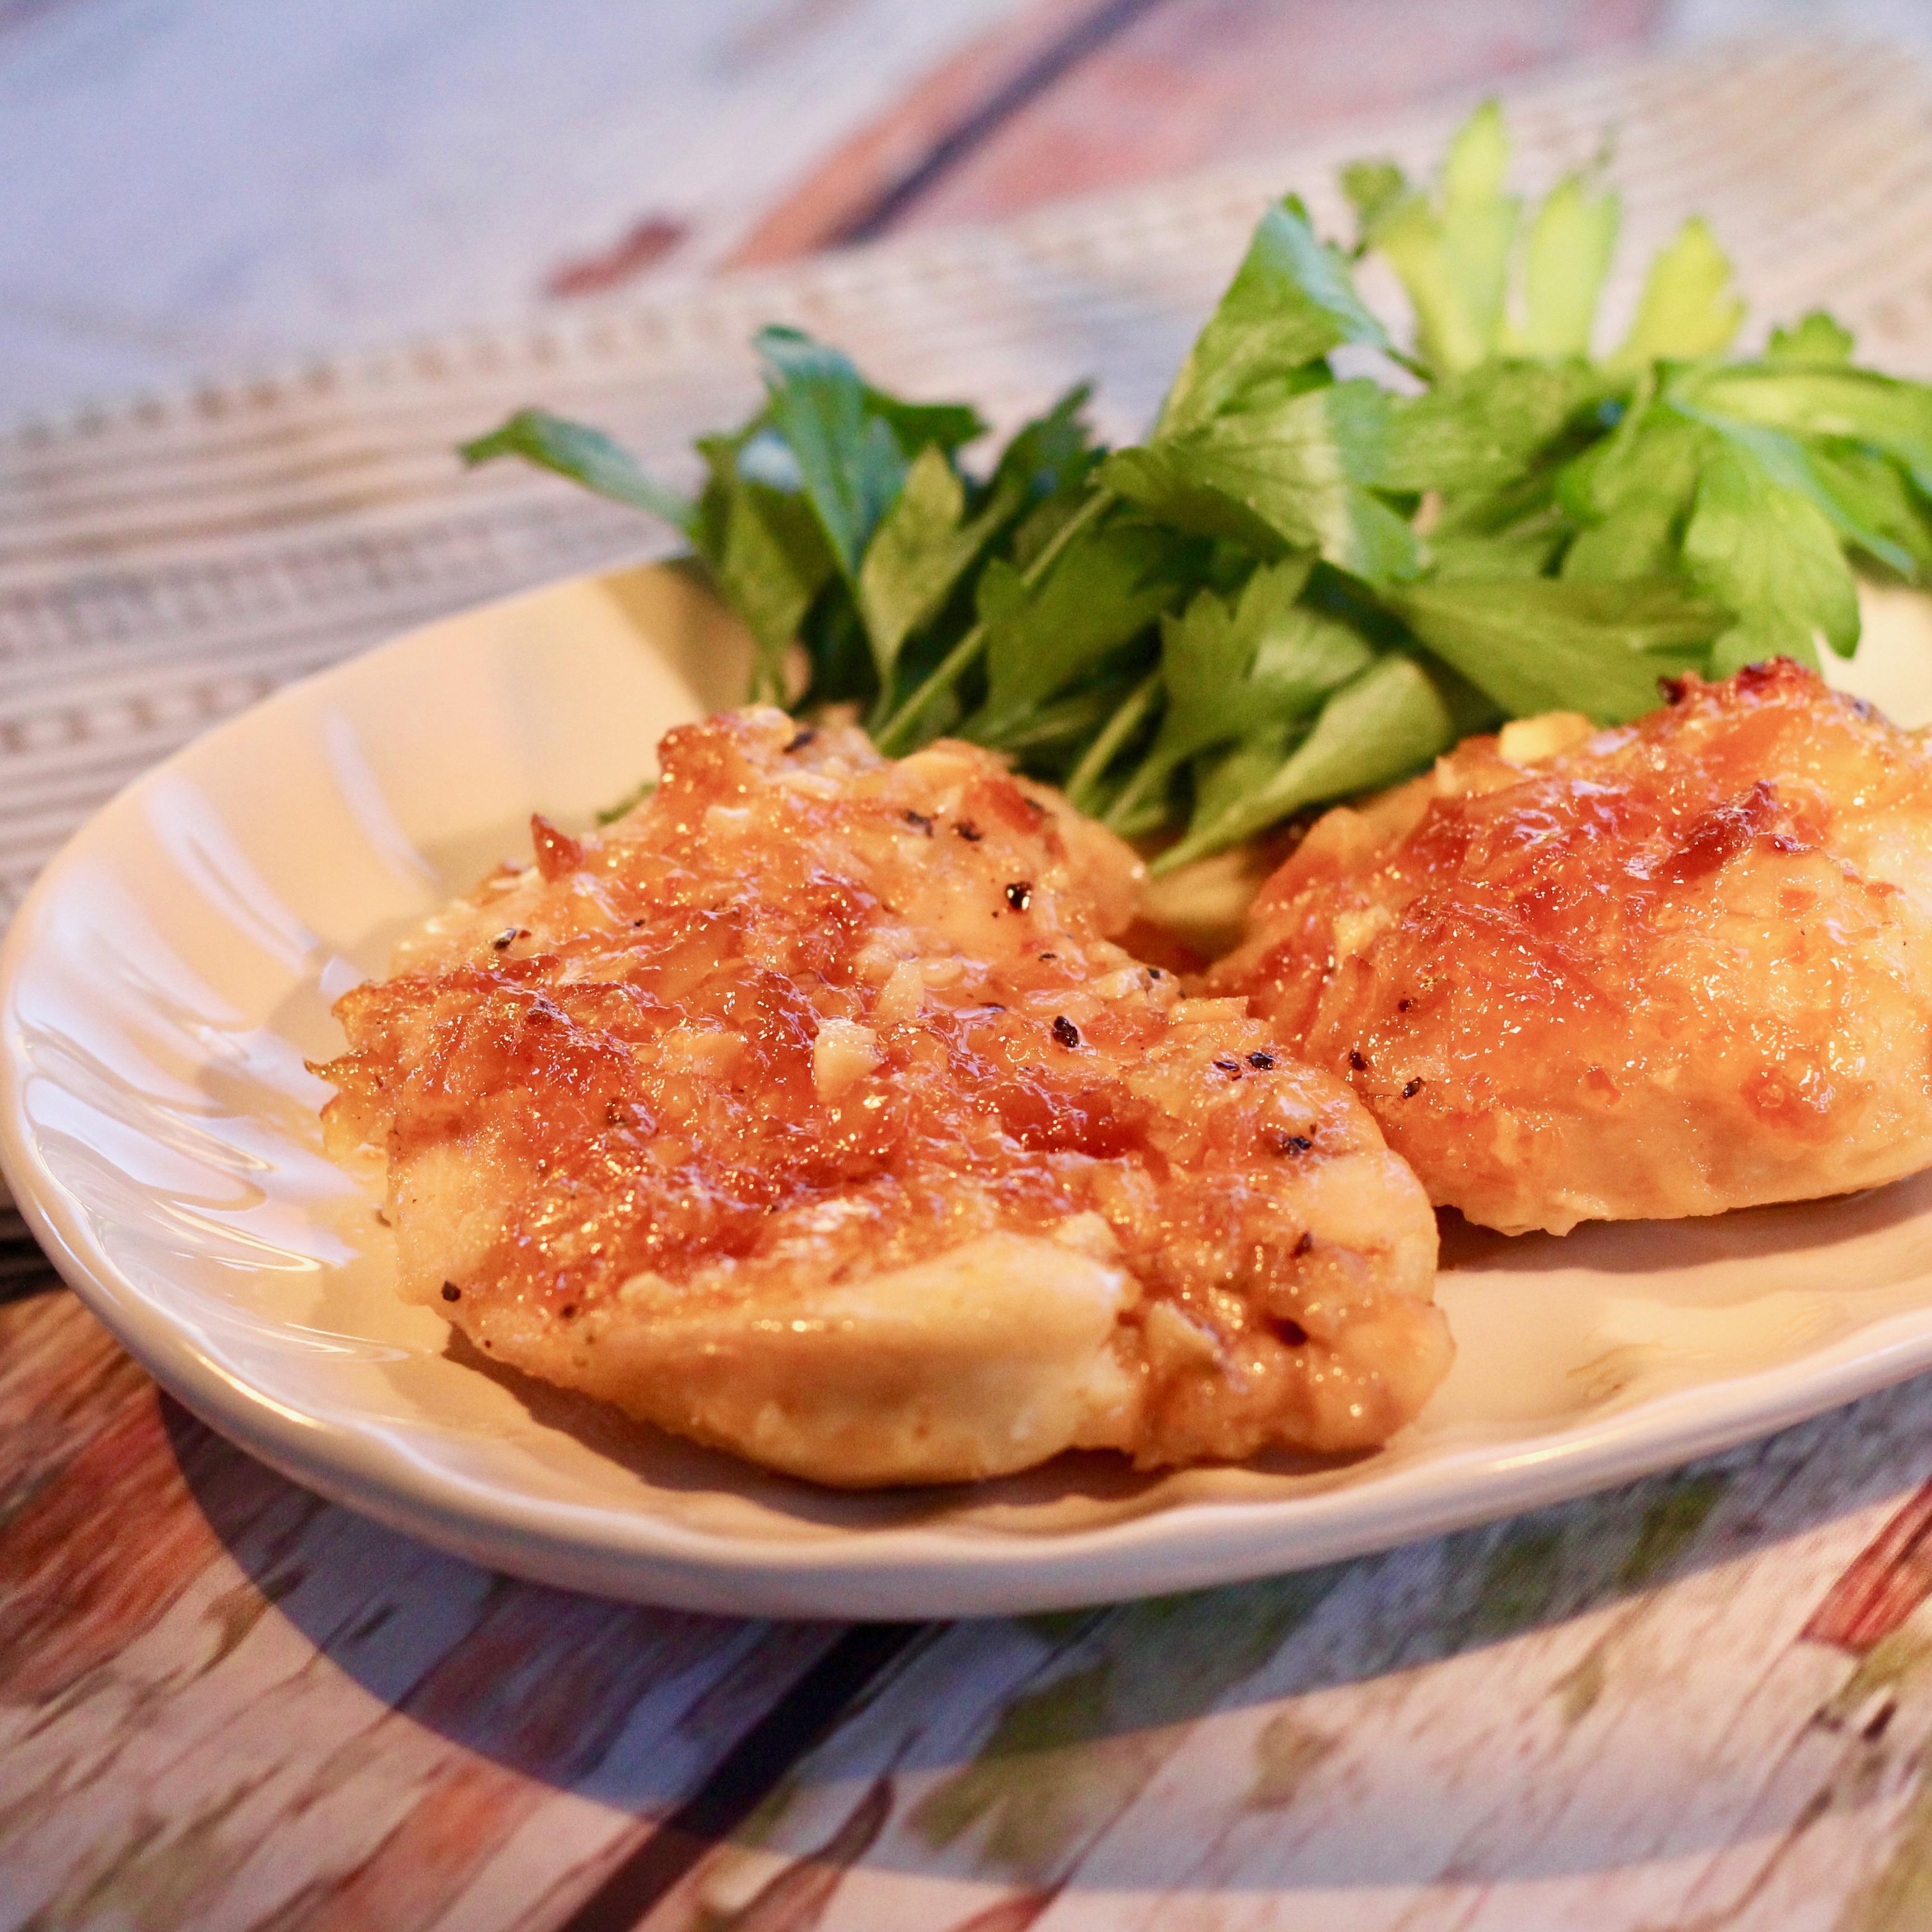 Peach-Glazed Chicken